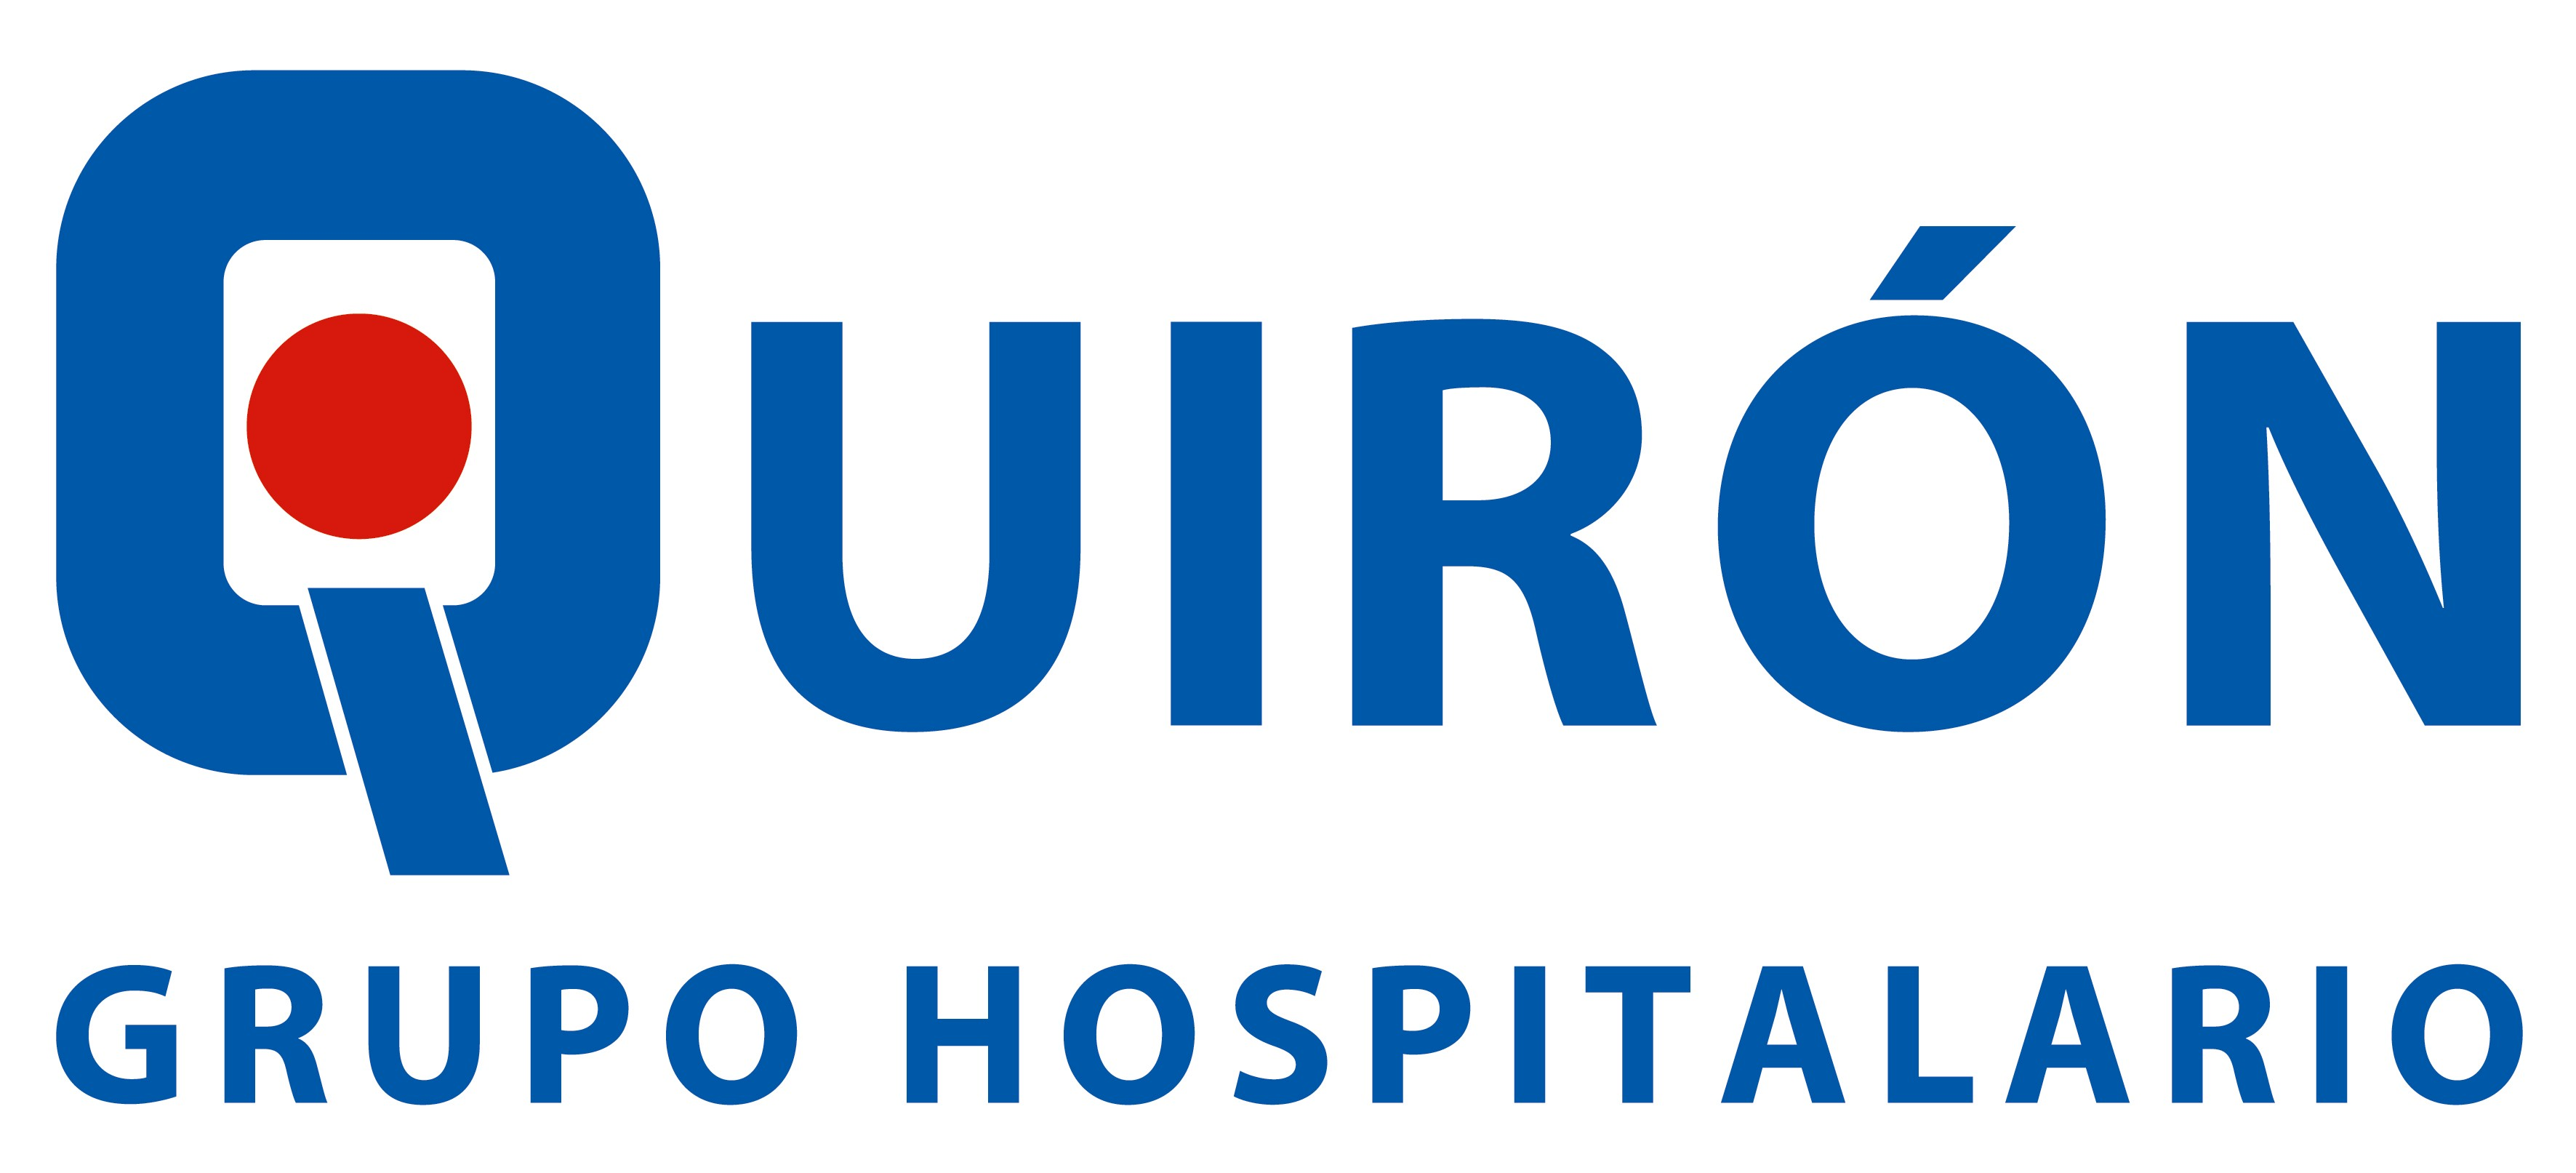 Hospital Quirón de Barcelona